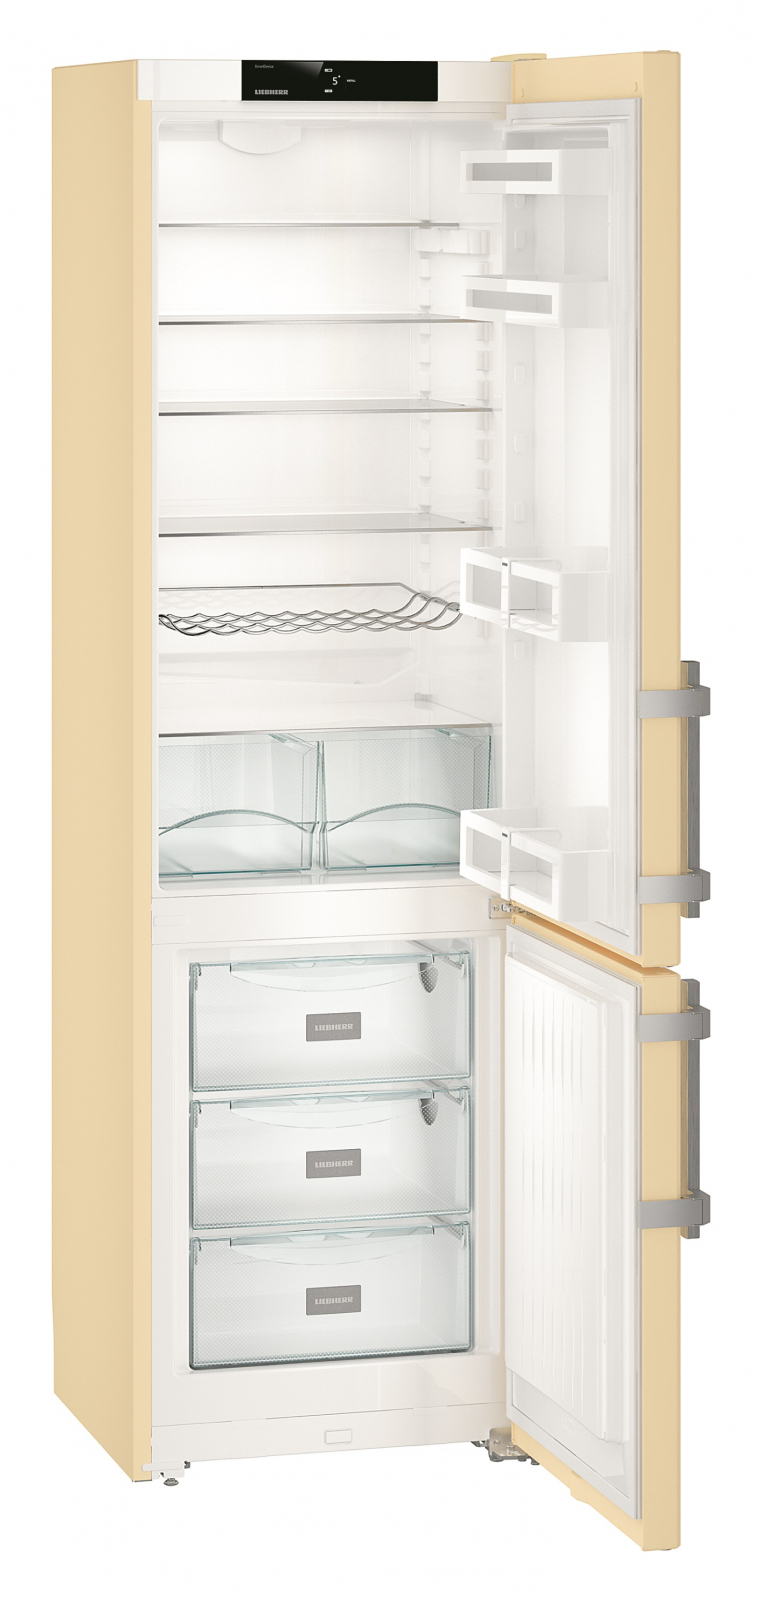 купить Двухкамерный холодильник Liebherr CUbe 4015 Украина фото 6